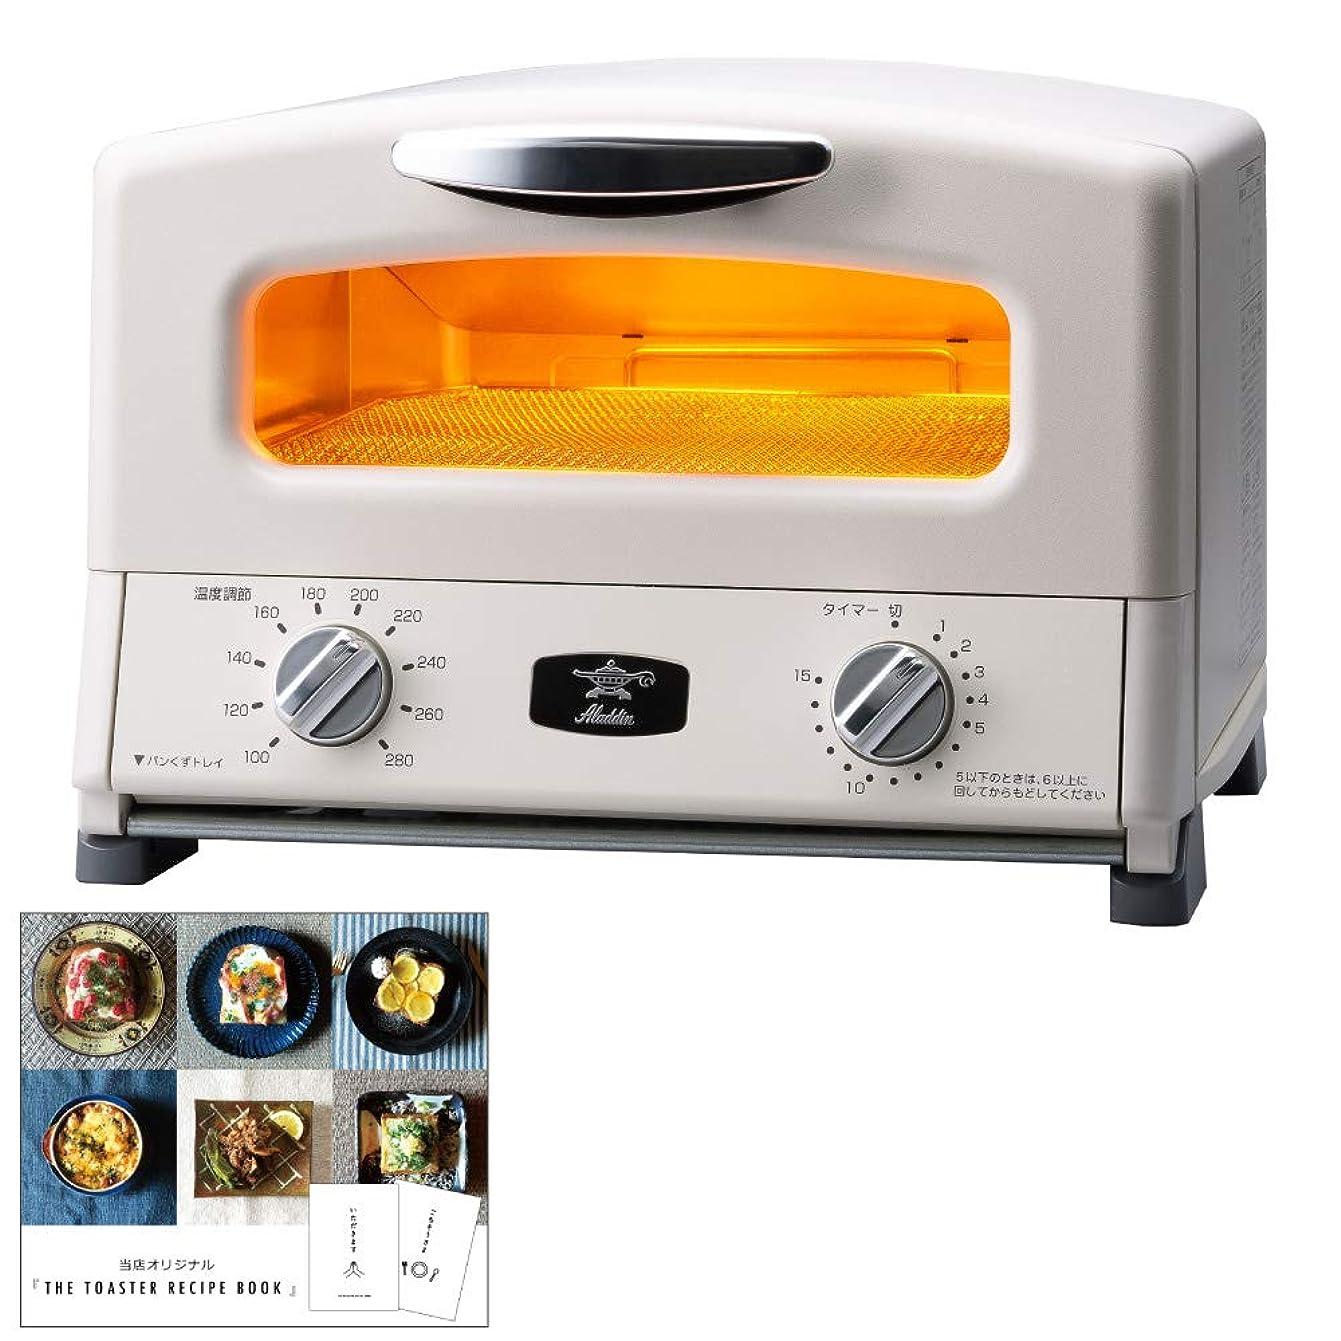 争うどうしたのアミューズメントアラジン グリル & トースター AET-G13N + THE TOASTER RECIPE BOOK トースターレシピブック 2点セット 4枚焼き (ホワイト)